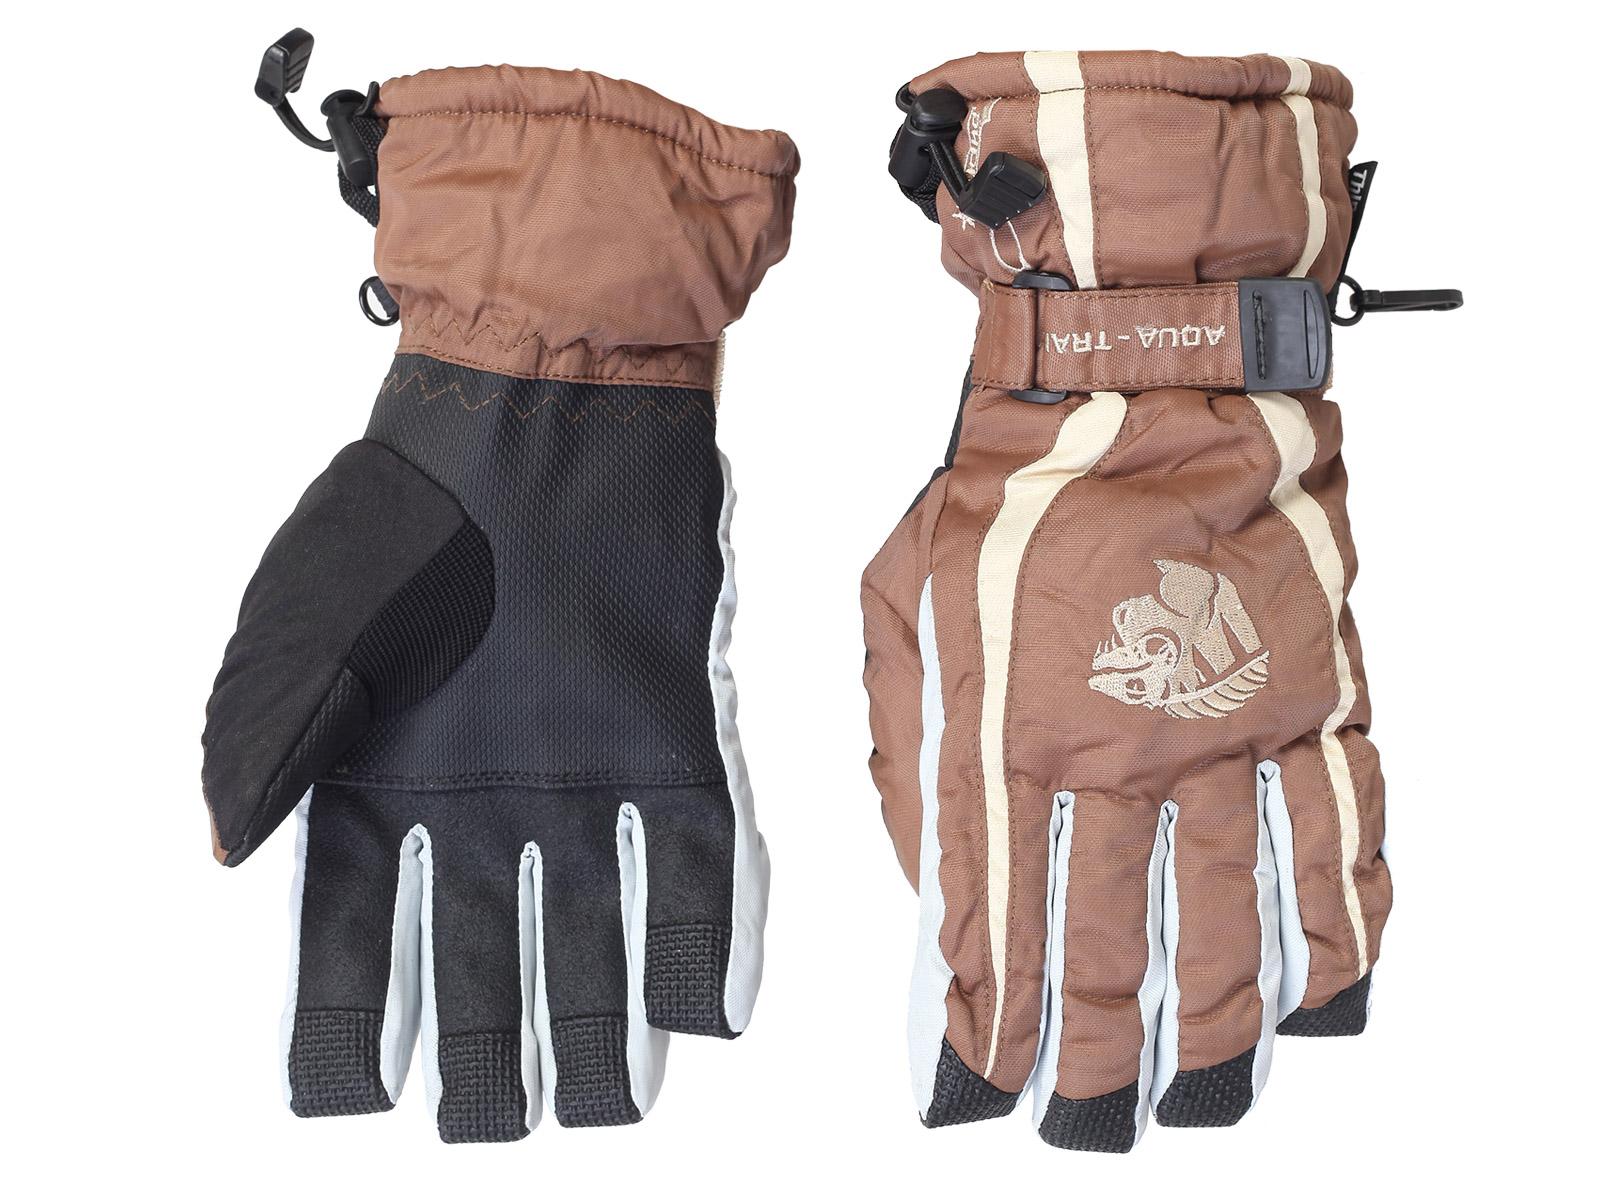 Недорогие перчатки для зимних видов спорта и города